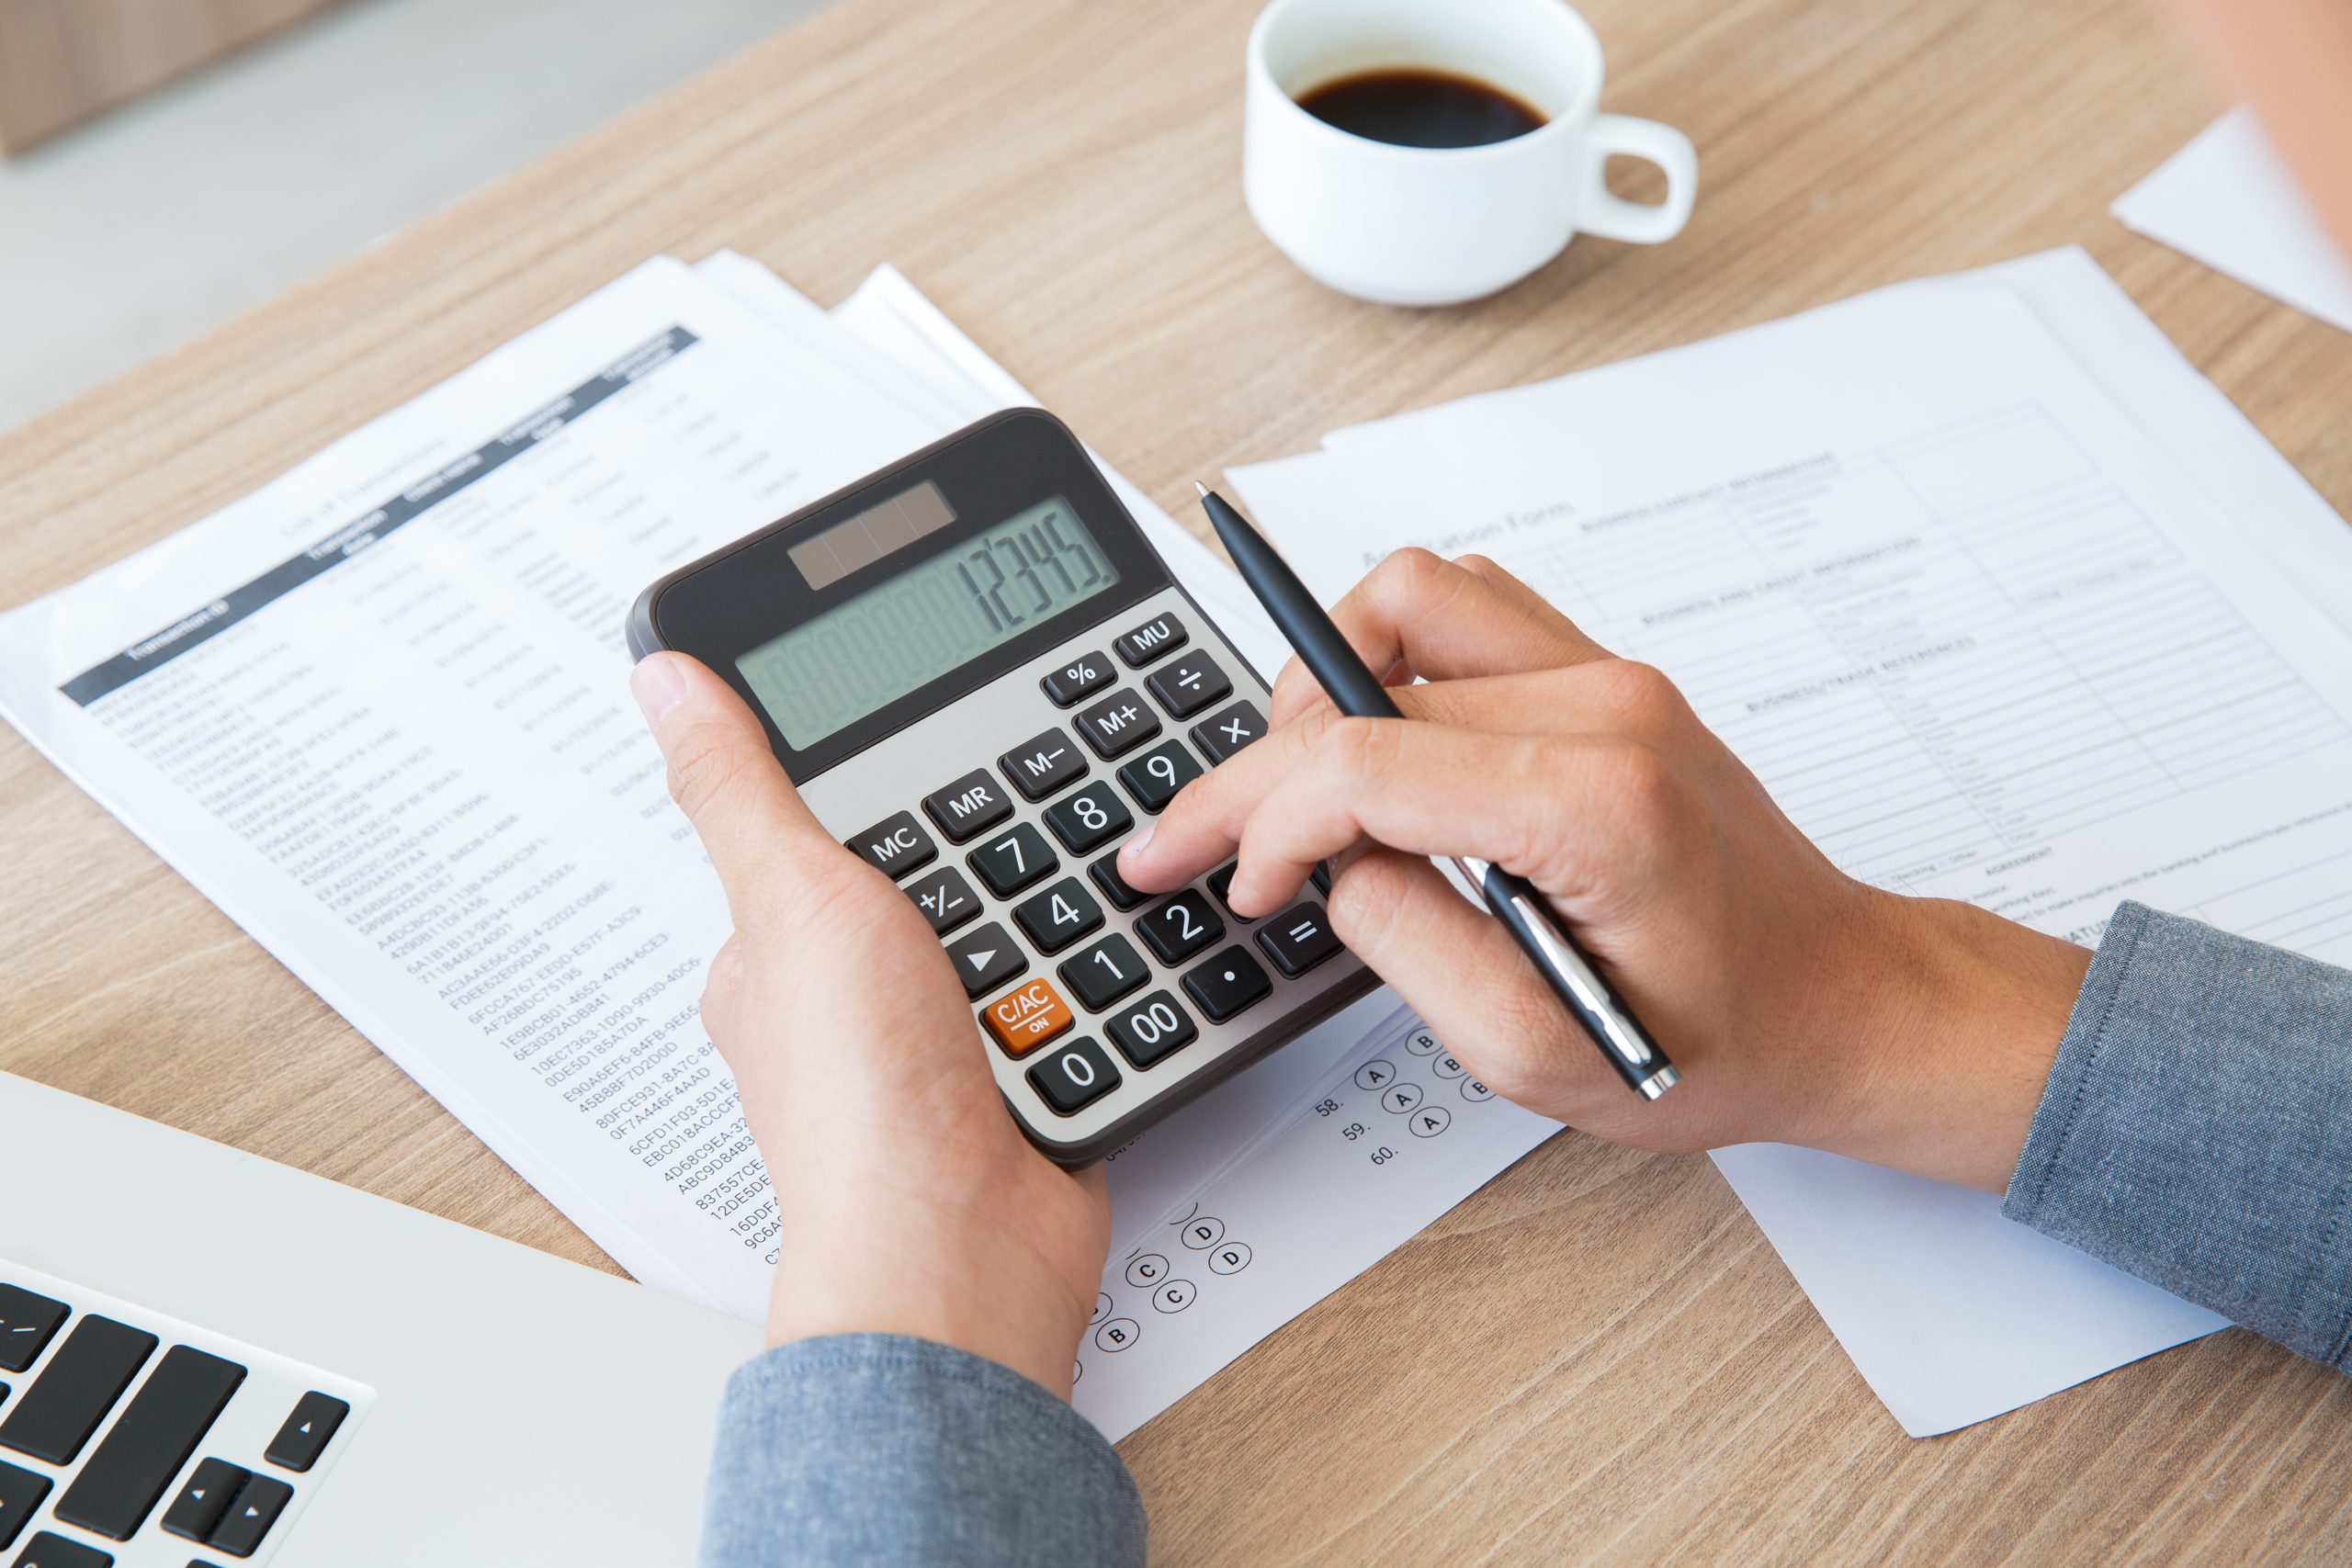 Déclaration des revenus 2020 : tout ce qu'il faut savoir